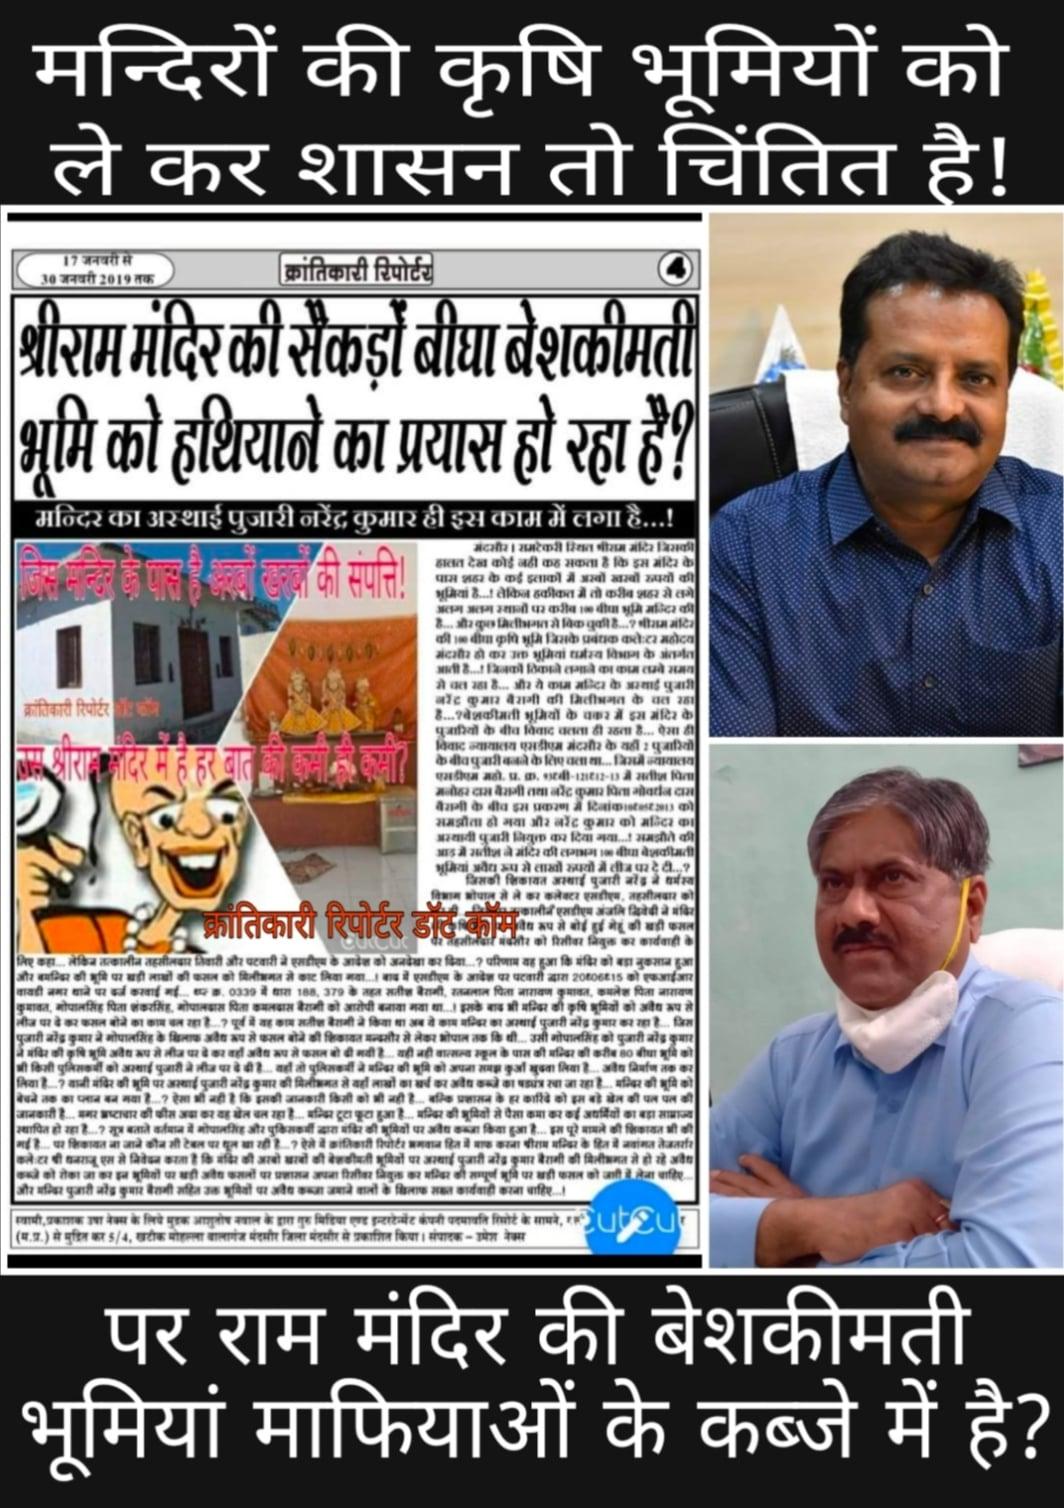 #शासन का आदेश है कि 10 एकड़ से अधिक मंदिर की कृषि भूमियों की नीलामी बुलाई जावे... पर मंदसौर के राम मंदिर में ऐसा नही है...!